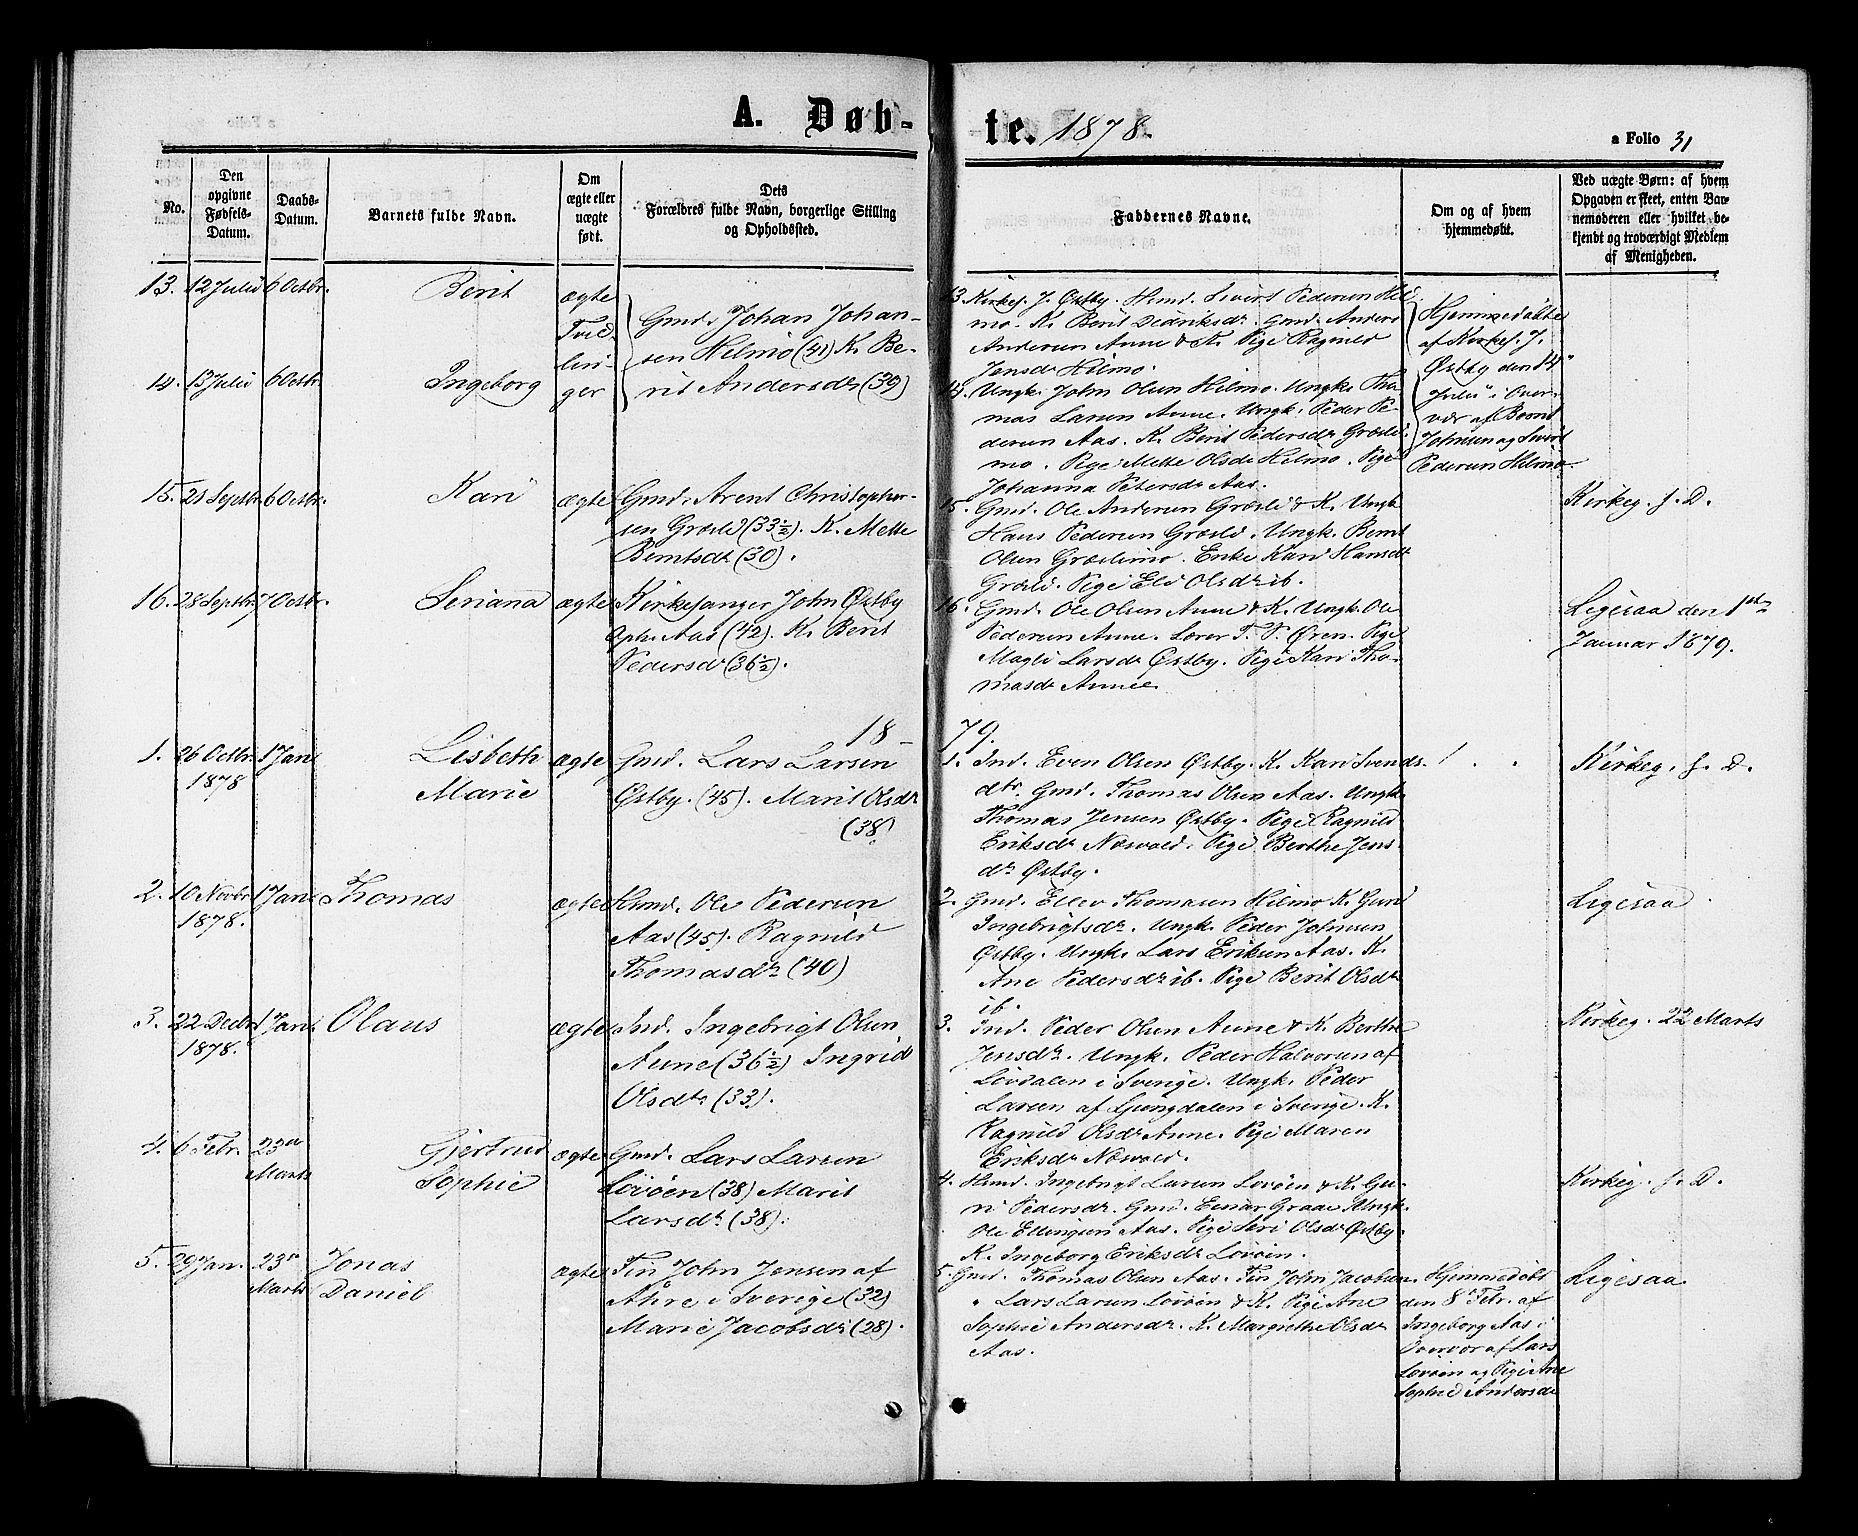 SAT, Ministerialprotokoller, klokkerbøker og fødselsregistre - Sør-Trøndelag, 698/L1163: Ministerialbok nr. 698A01, 1862-1887, s. 31